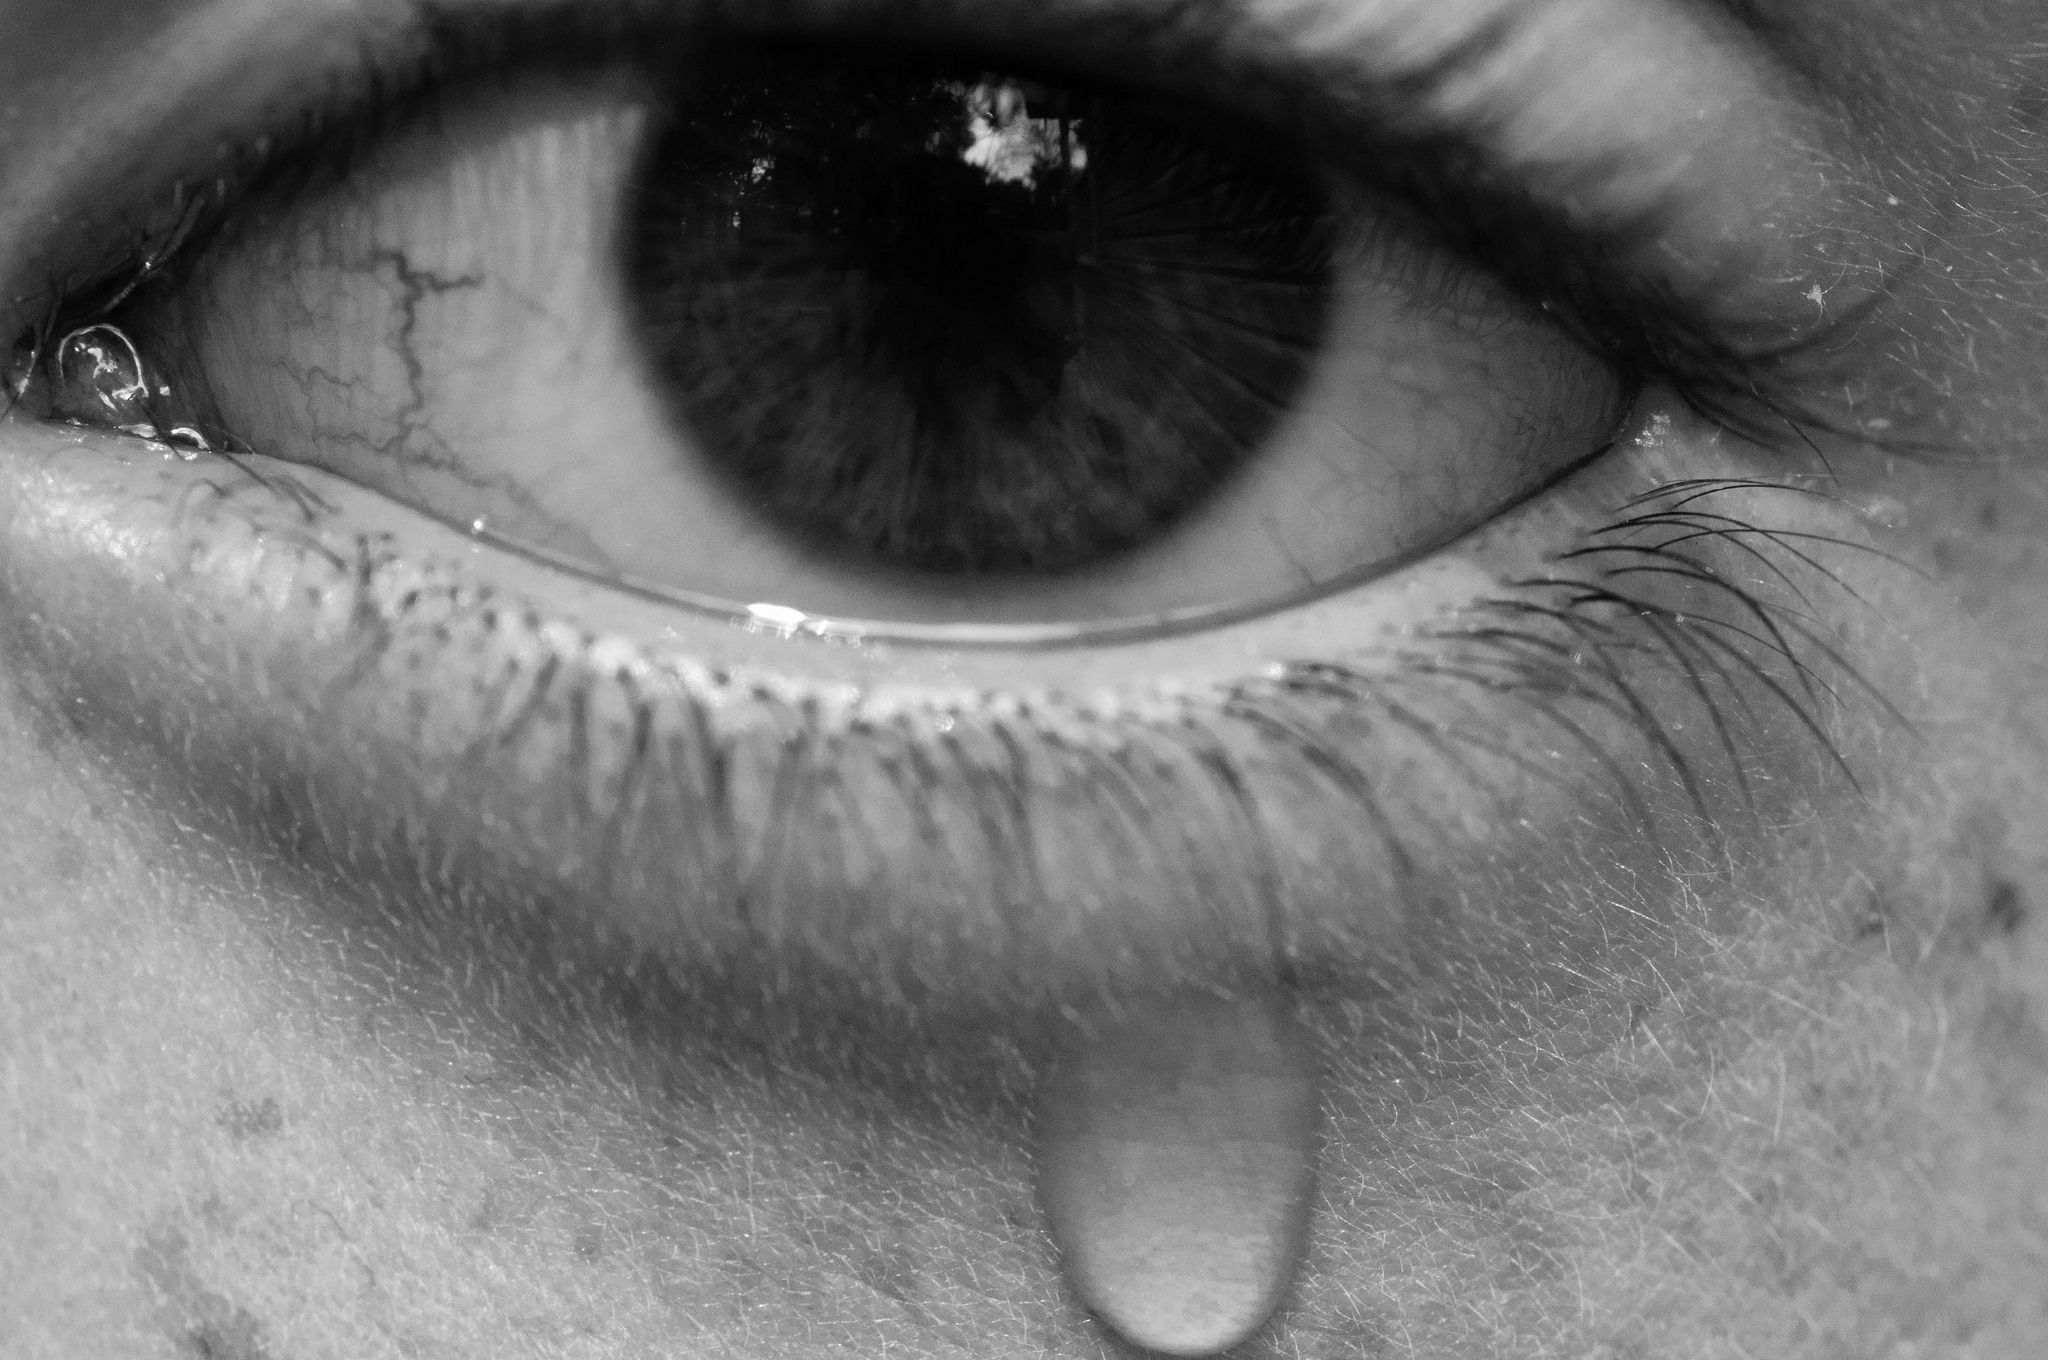 К чему снится когда плачешь сильно во сне навзрыд